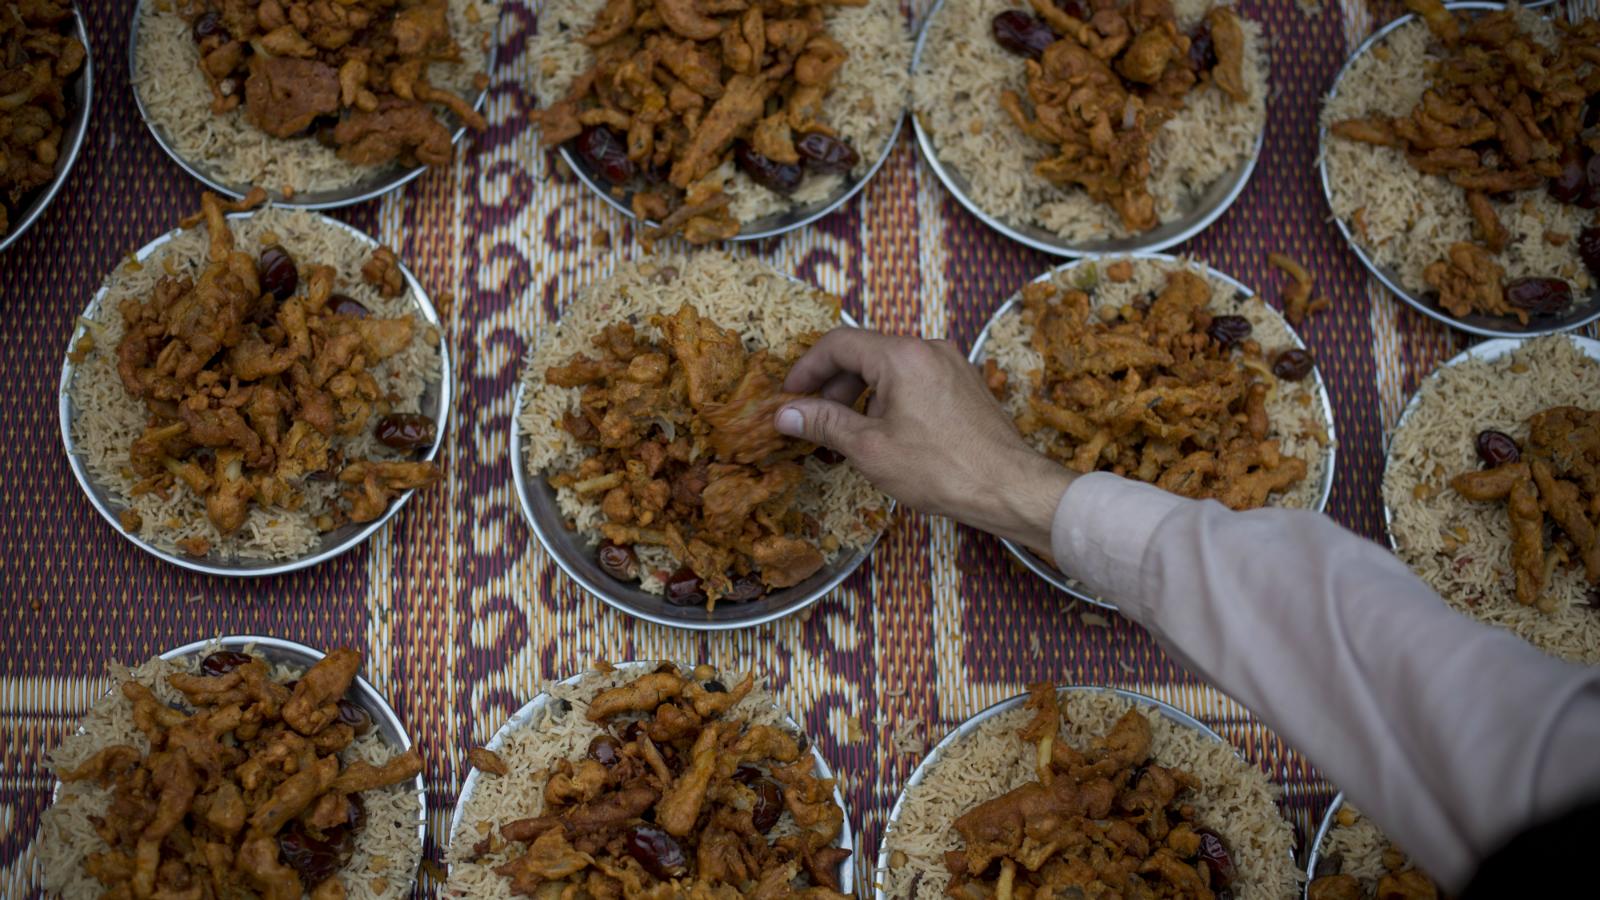 Great Vizag Eid Al-Fitr Feast - food  Image_597379 .jpg?quality\u003d80\u0026strip\u003dall\u0026w\u003d1600